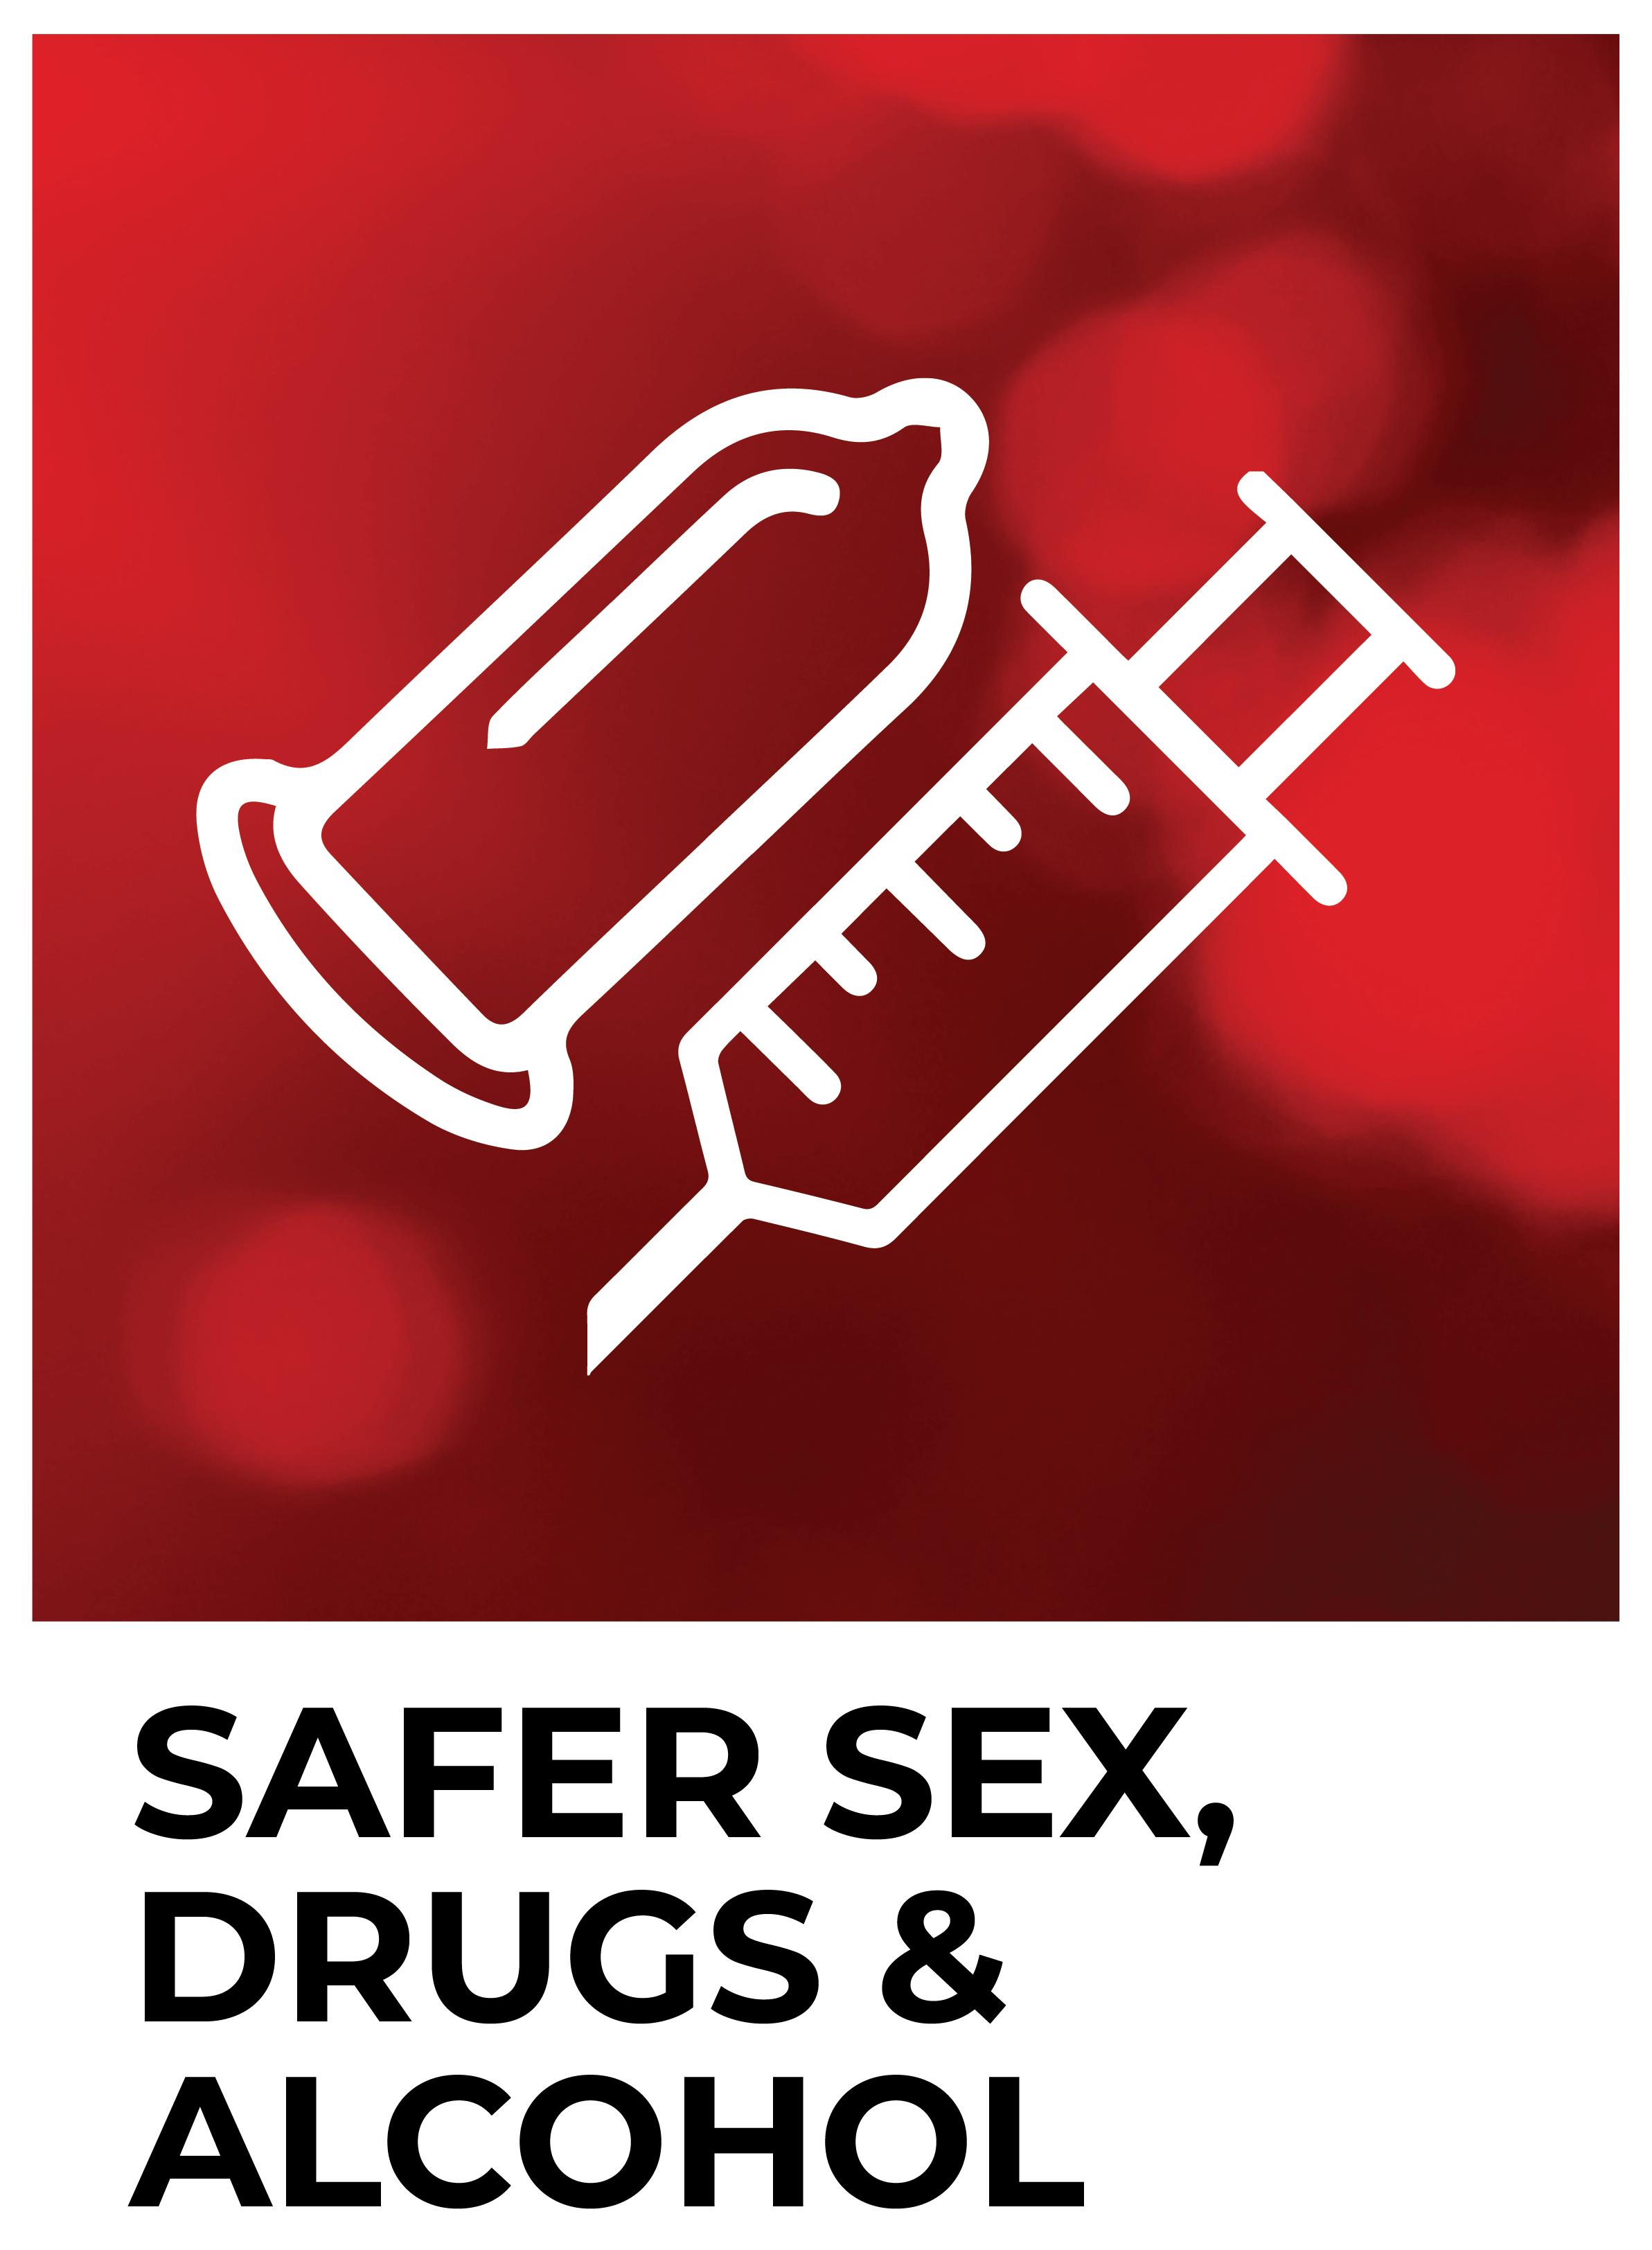 Safer Sex, Drugs & Alcohol